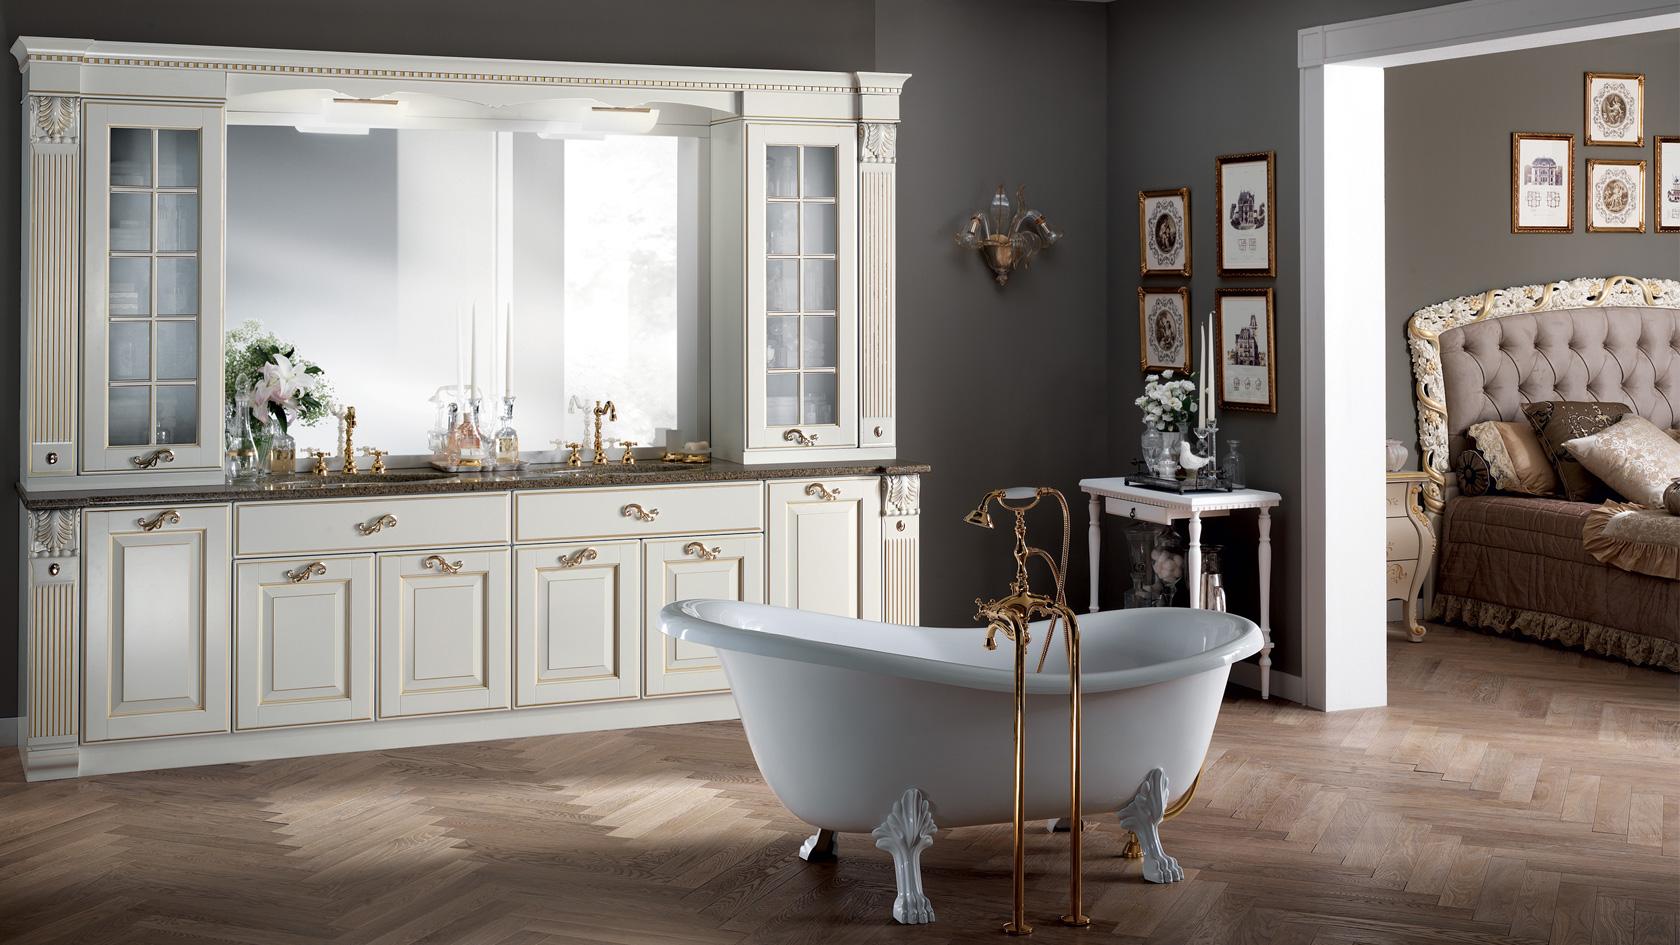 Итальянская мебель и дизайн интерьера фото Современный дизайн гостиной: более 200 фото идей интерьера